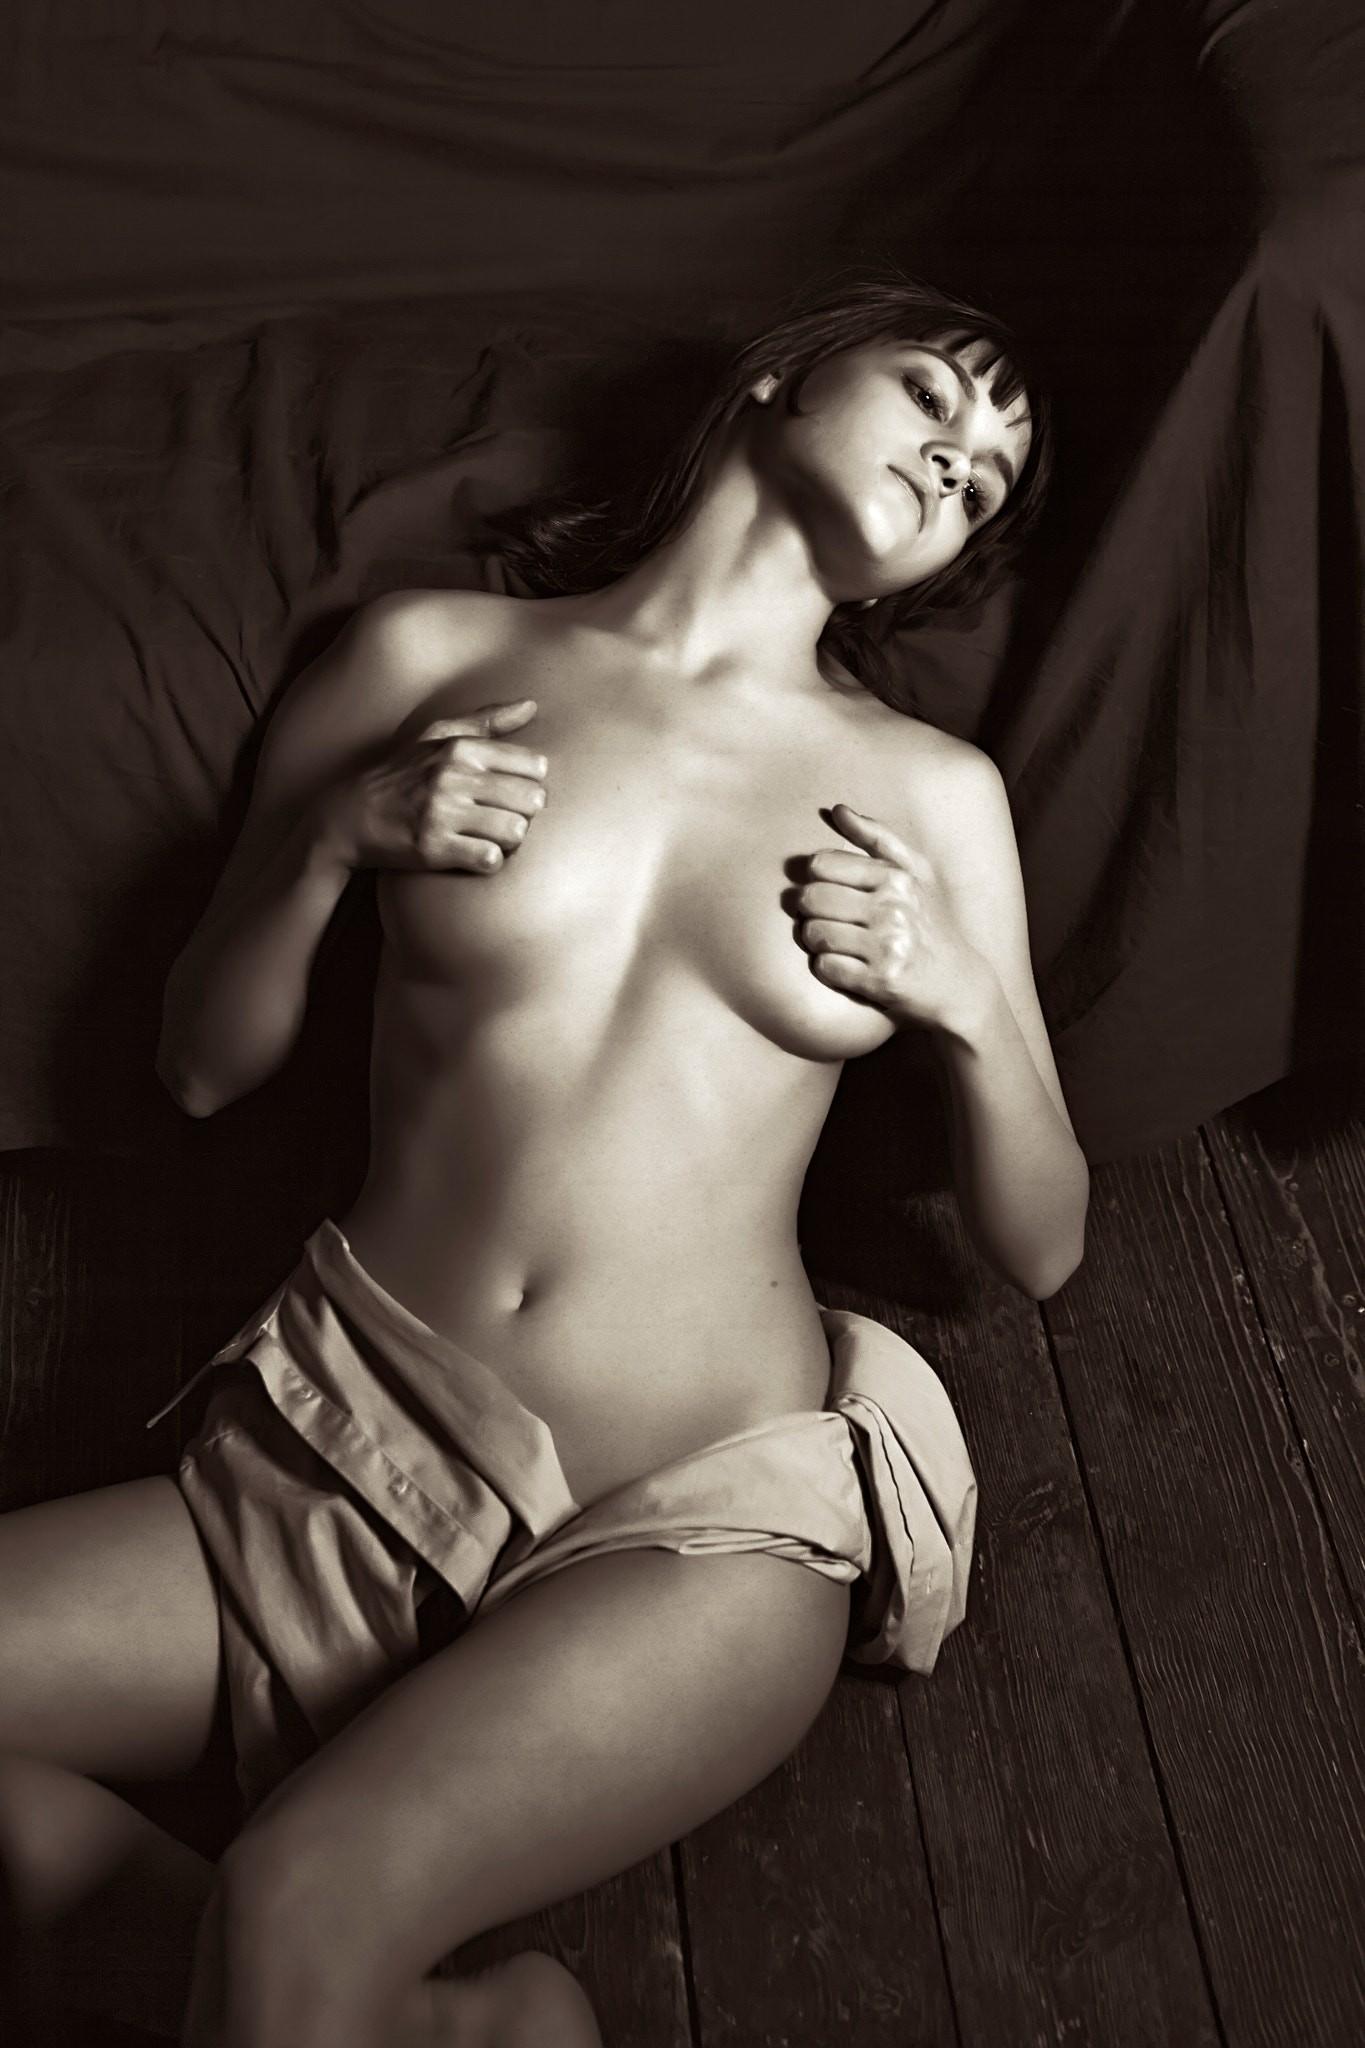 Fotos De Maria Demina Desnuda Página 6 Fotos De Famosastk